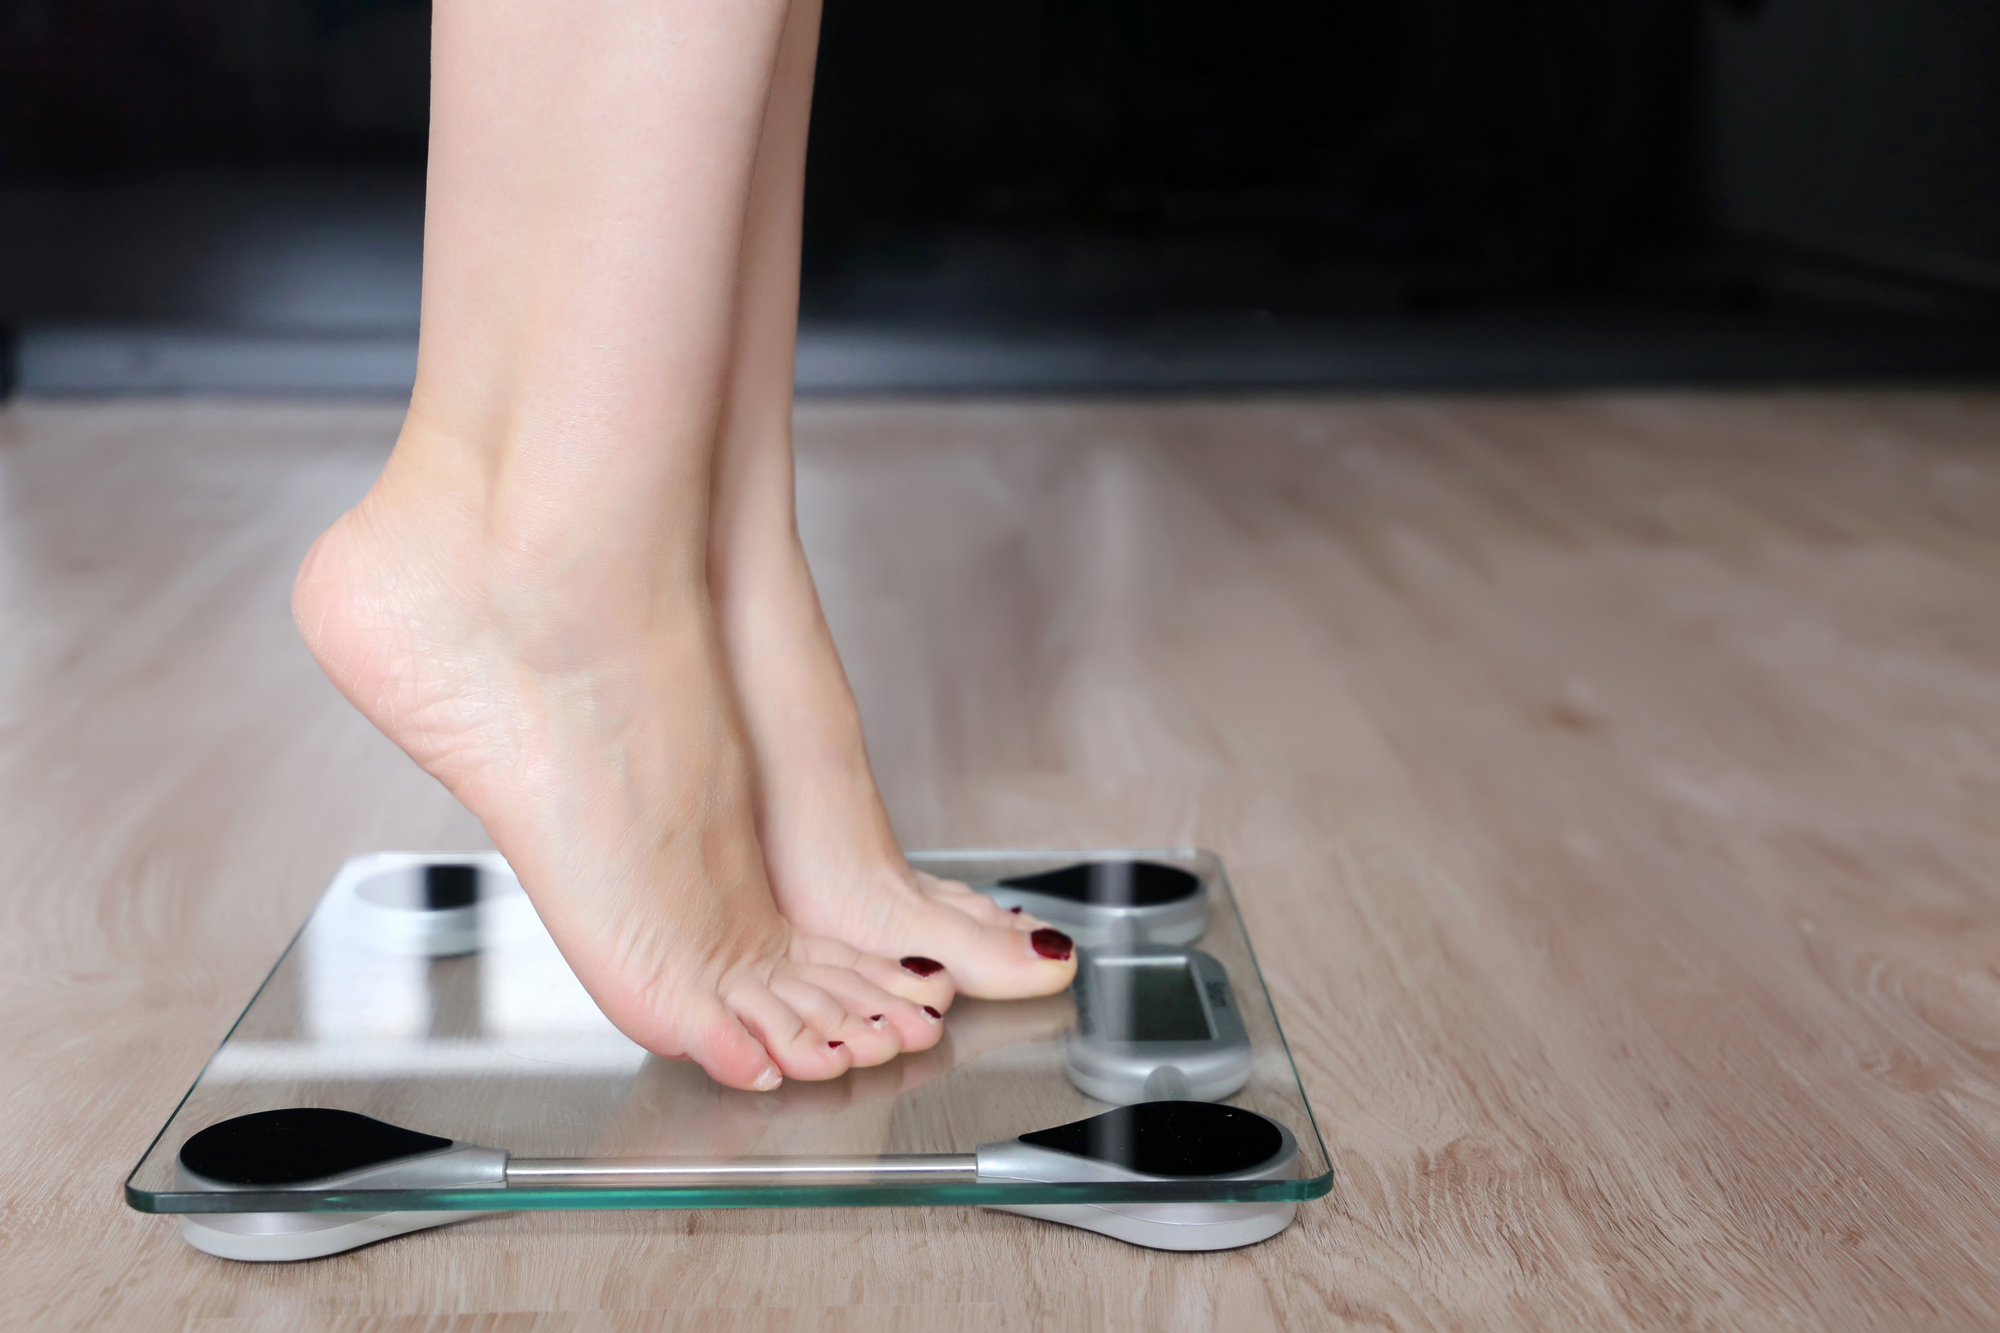 «Как ты похудела!»— эта реплика до сих пор считается комплиментом.